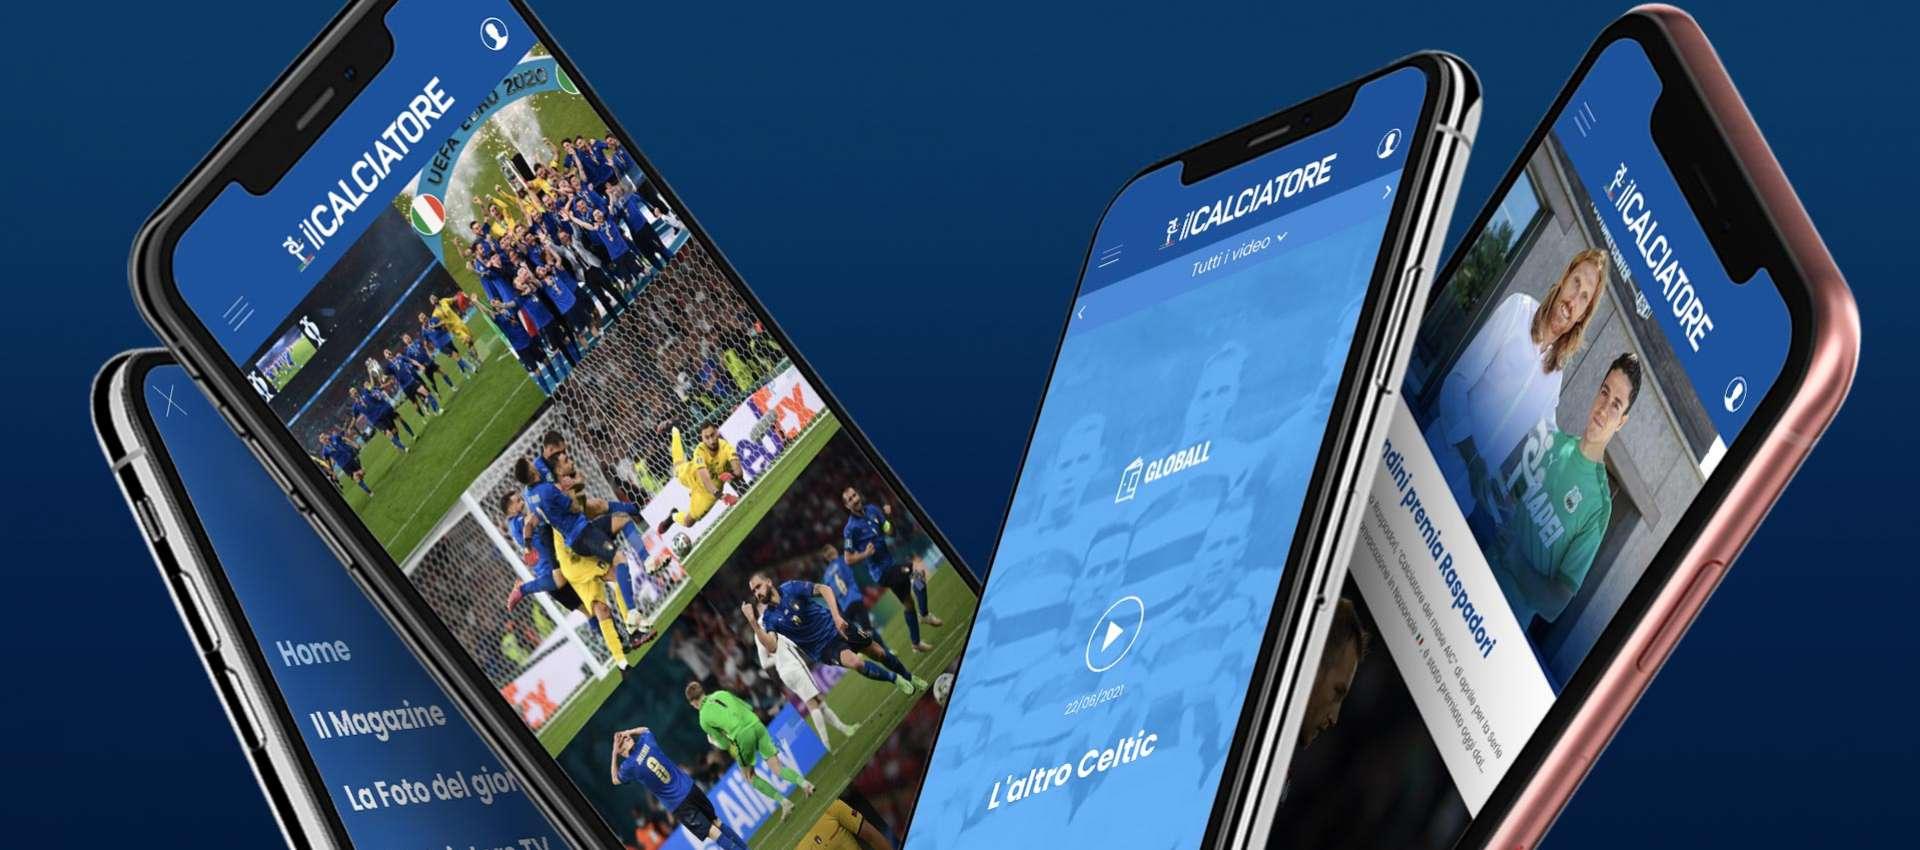 Il Calciatore, la nuova App di AIC